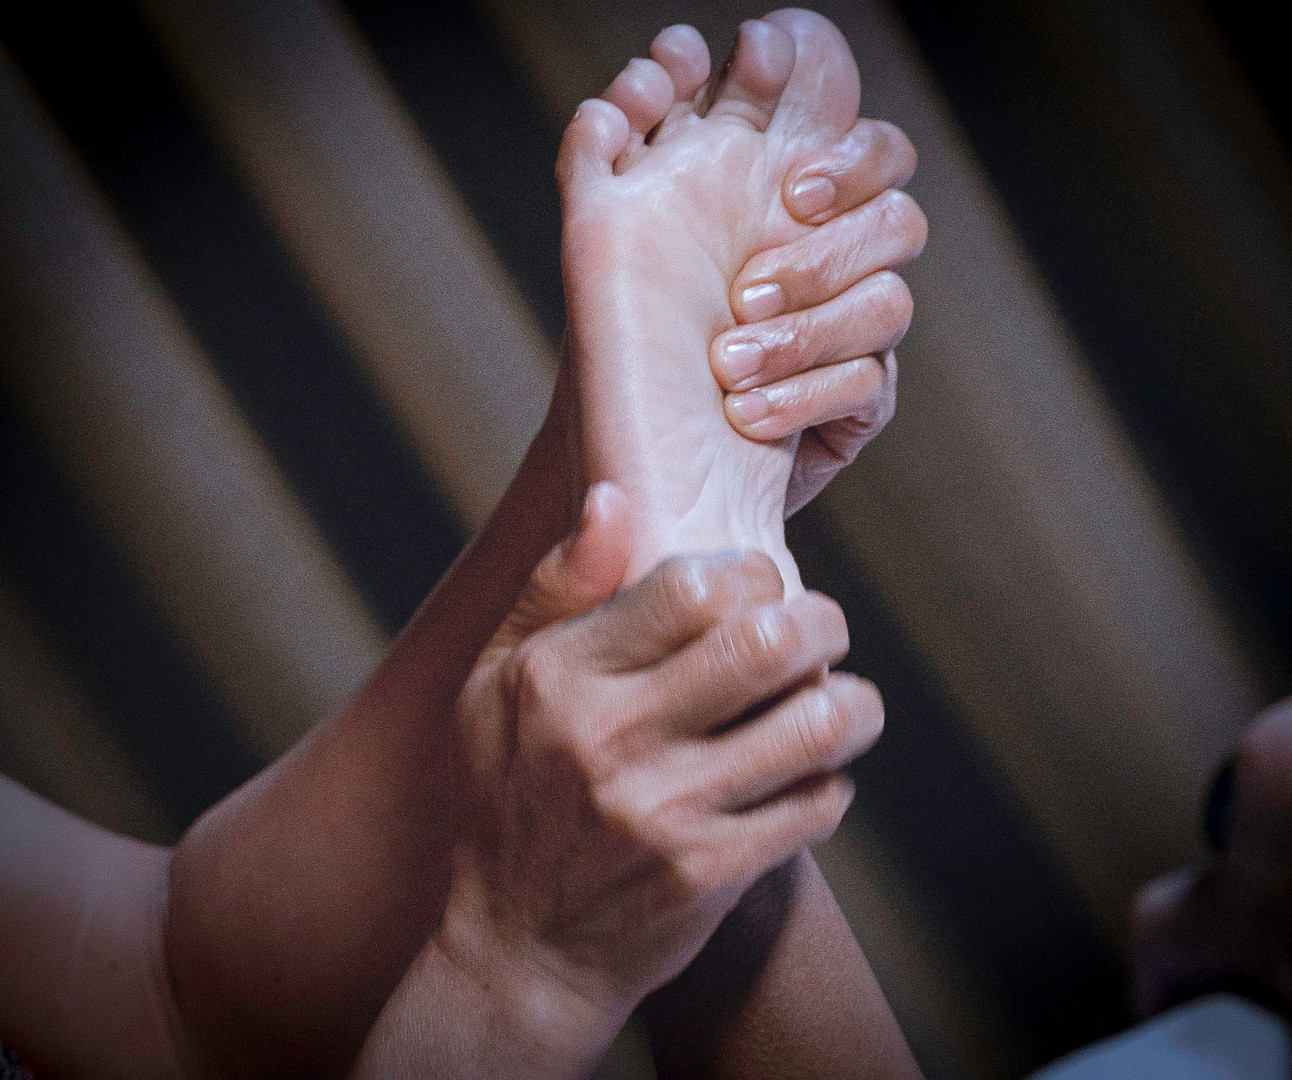 Foot_massage_mini_spa_vt.jpeg